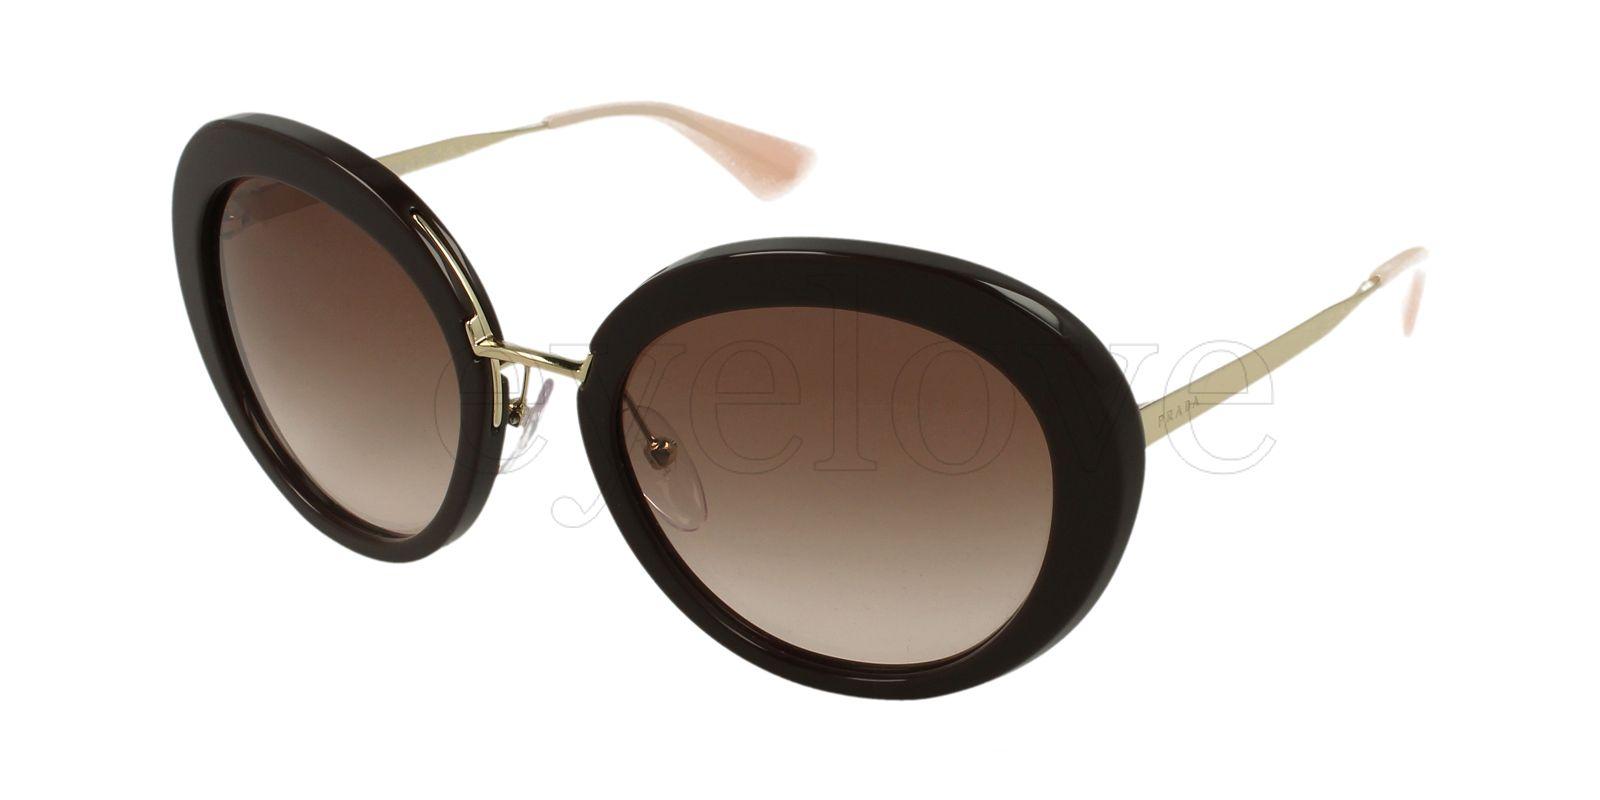 oculos prada - estes ja sao meus  D adoro adoro adoro ❤️vanuska ... a4a83ffd4b